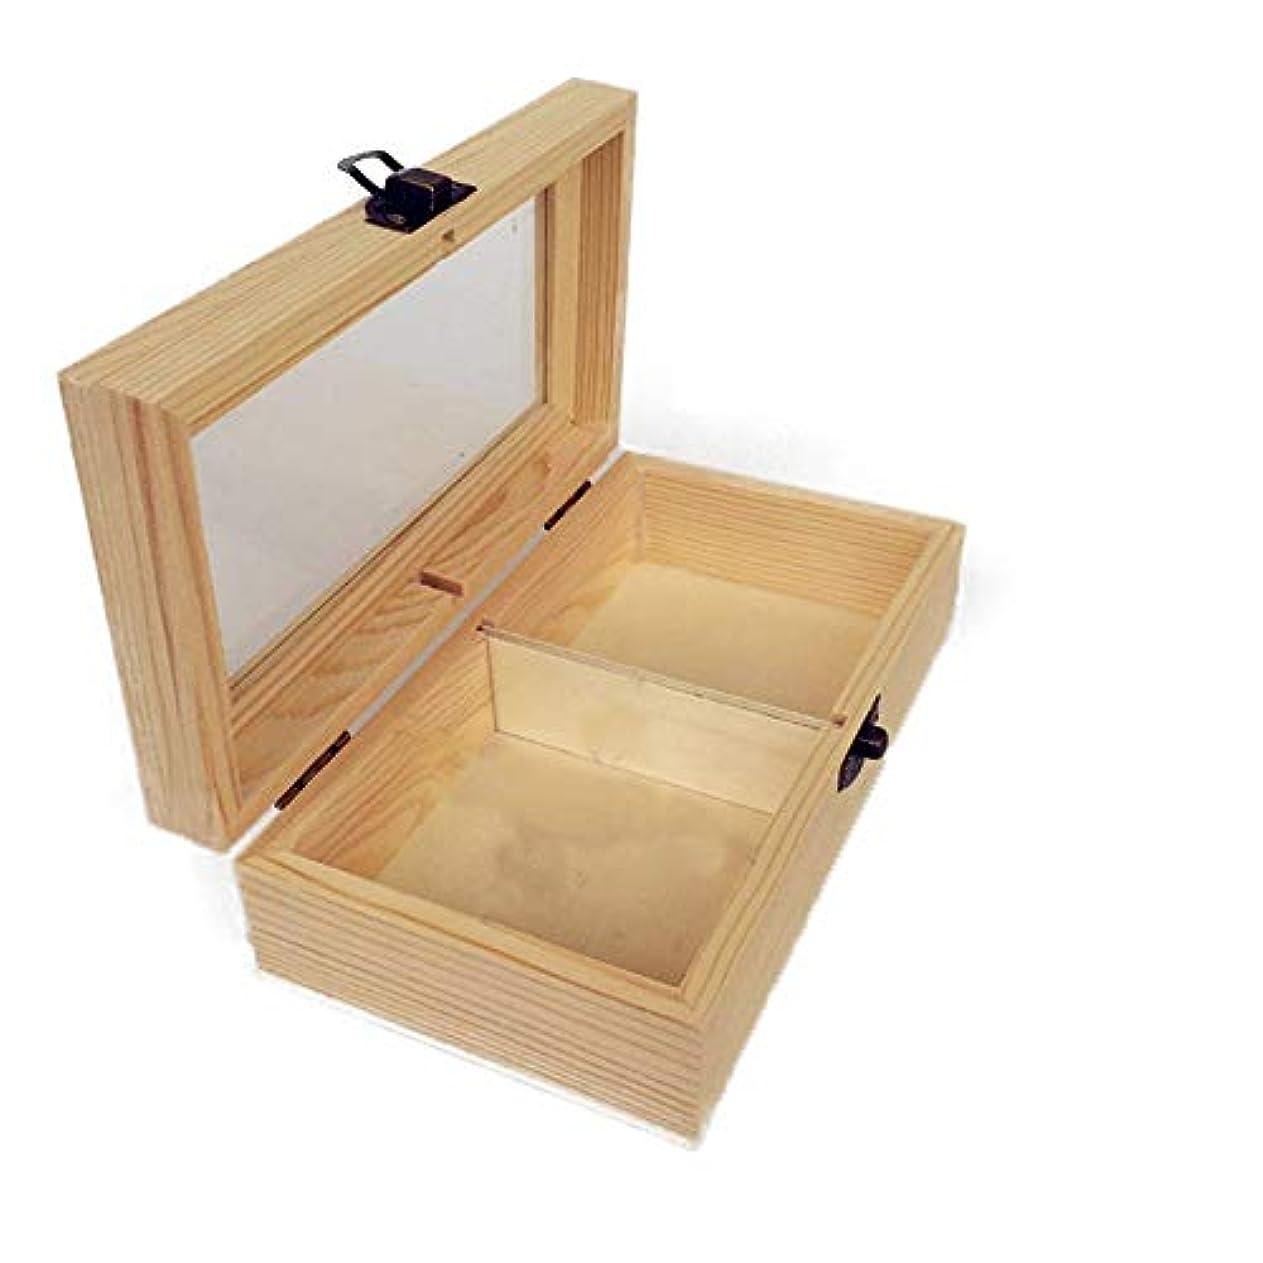 酸素作詞家食事エッセンシャルオイルの保管 プレゼンテーションのために手作りの木製ギフトボックスパーフェクトエッセンシャルオイルケースにエッセンシャルオイルは、被害太陽光からあなたの油を保護します (色 : Natural, サイズ :...